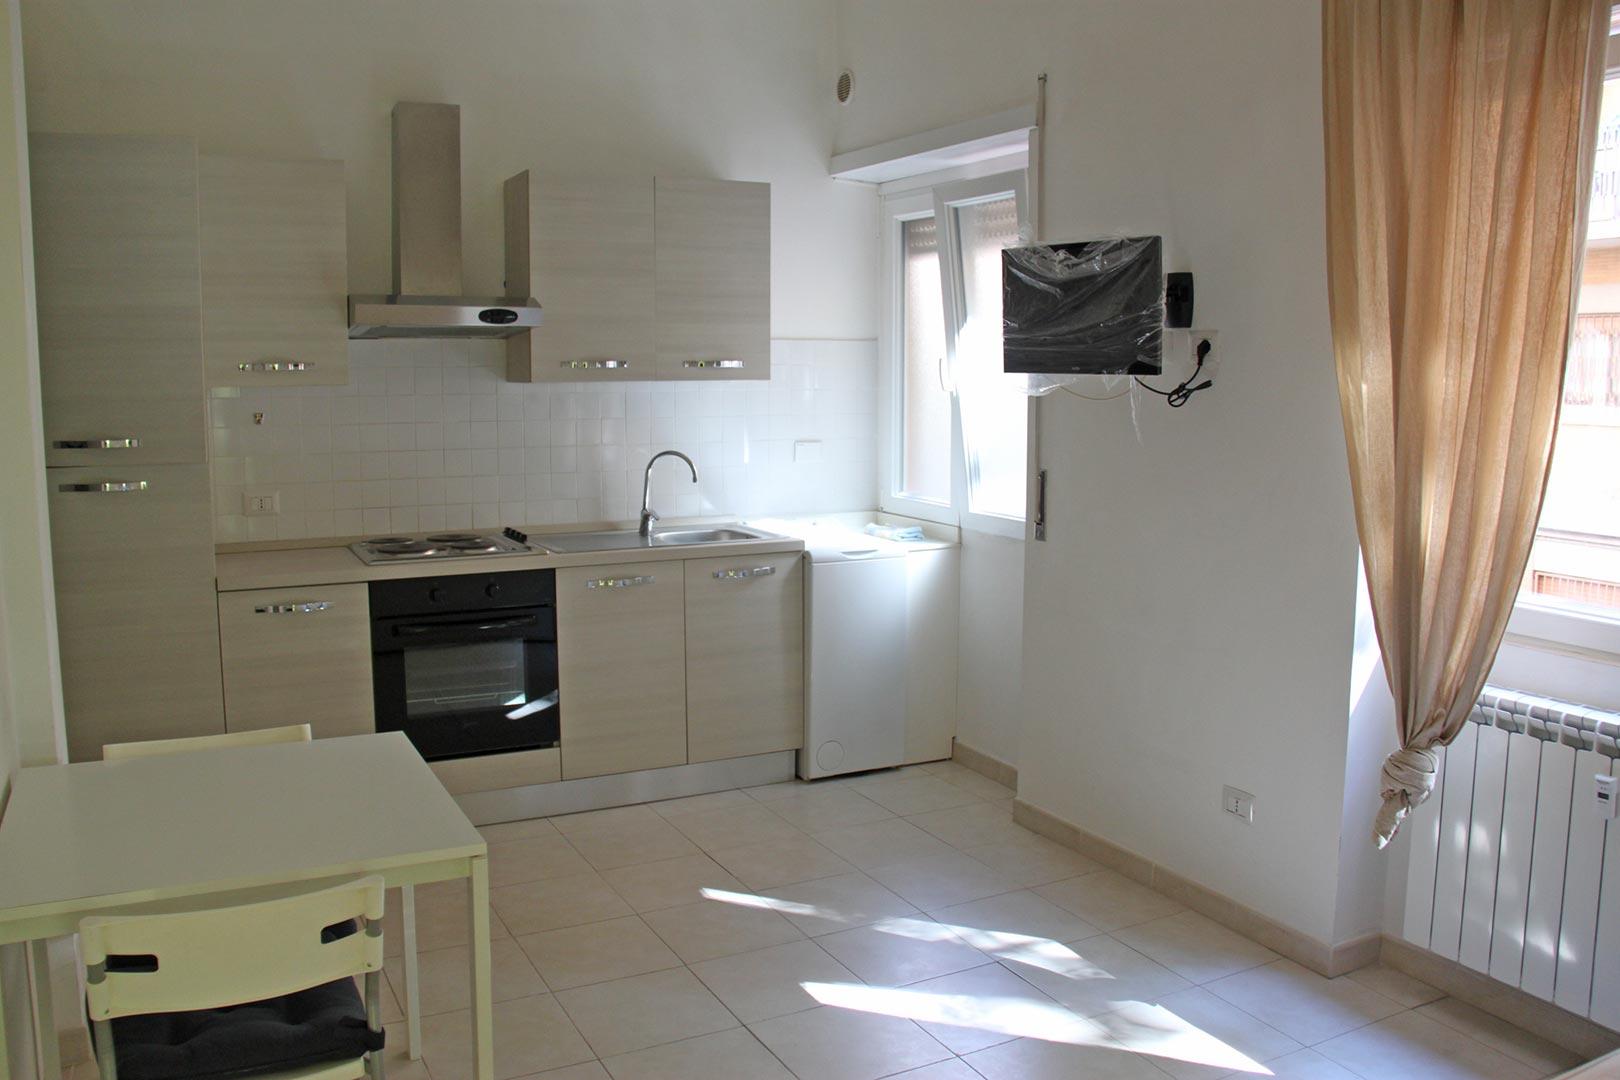 Affitto monolocale arredato balduina roma residenze for Monolocale arredato affitto